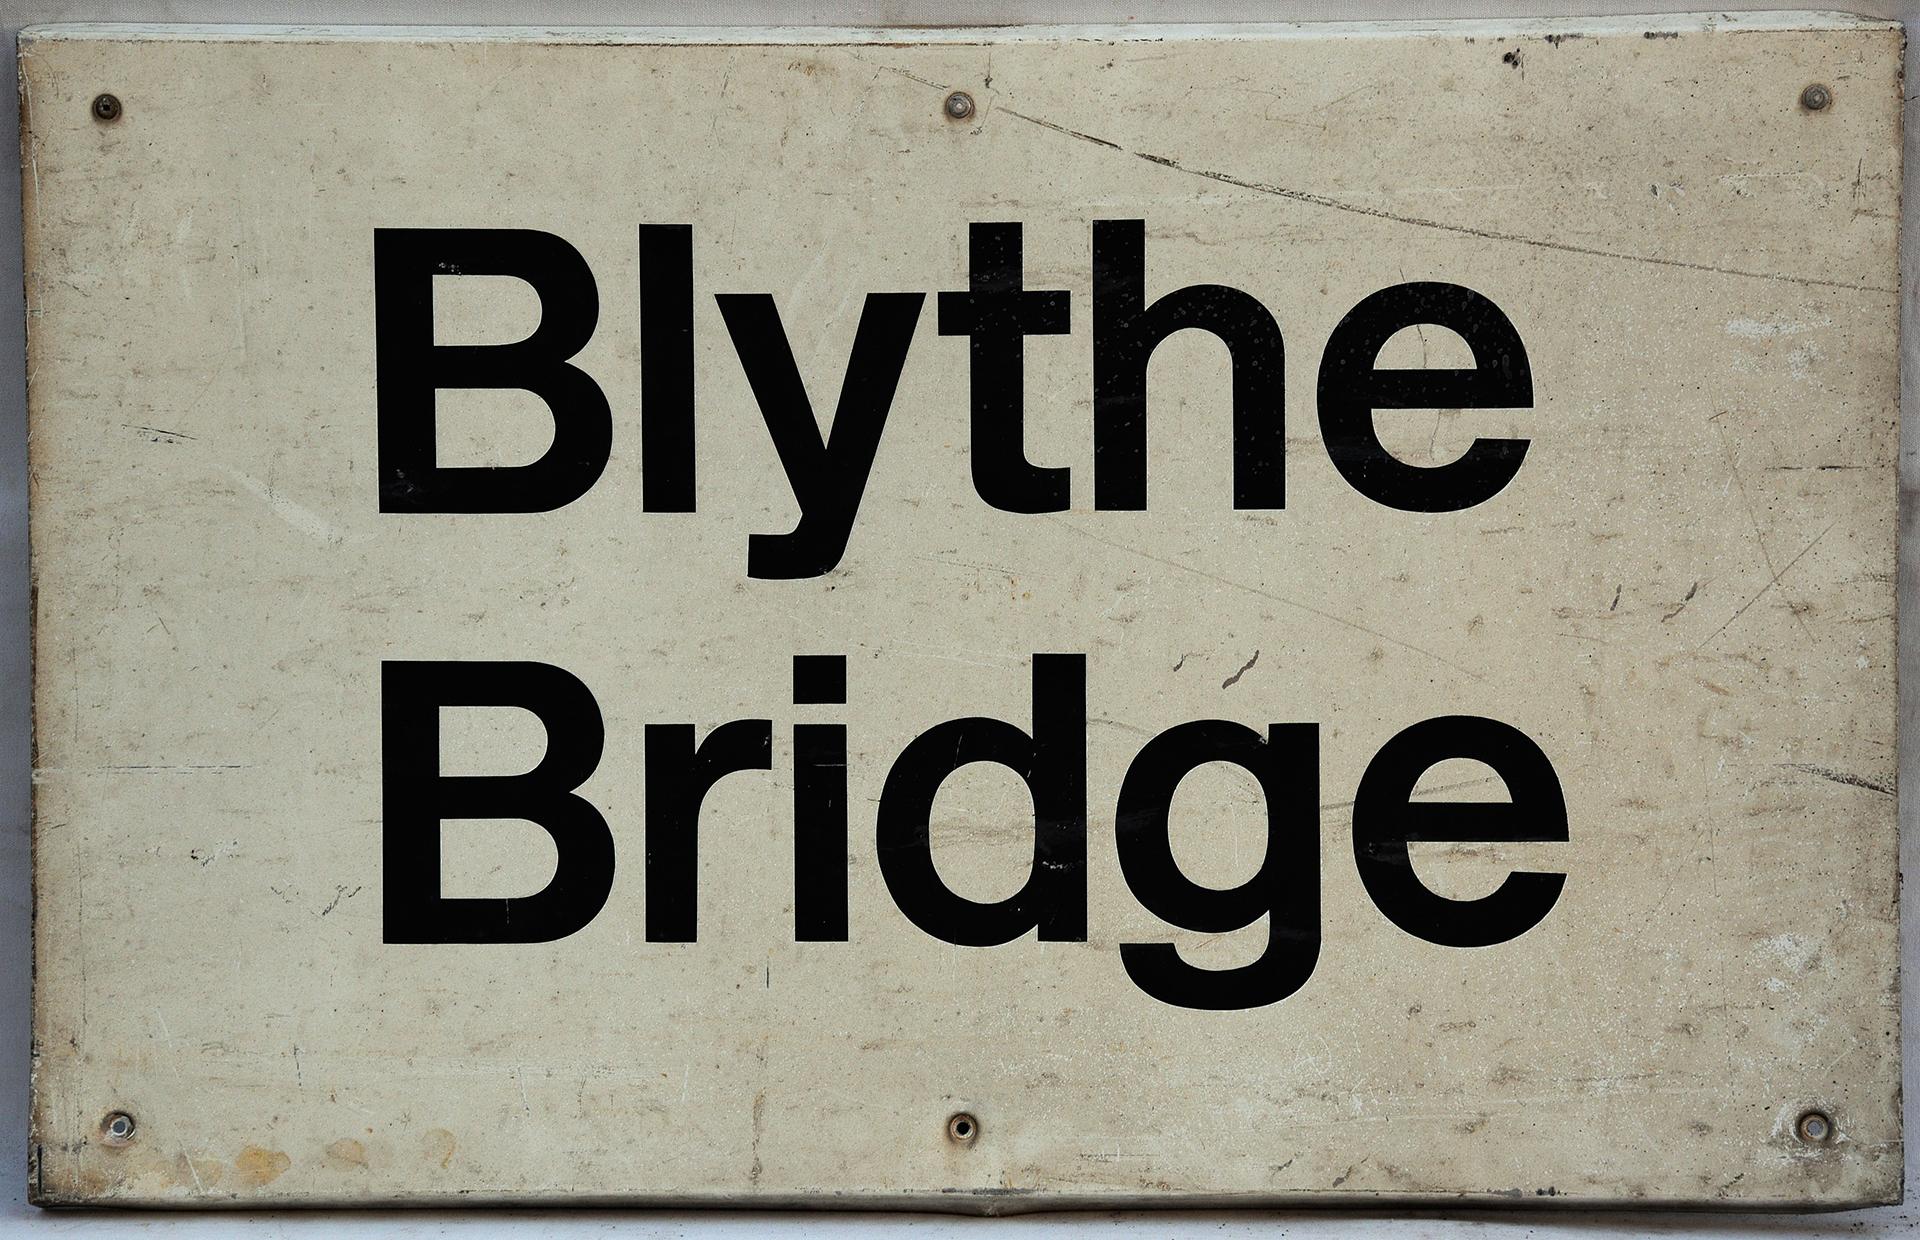 Modern Station Sign. BLYTHE BRIDGE. Measures 34in